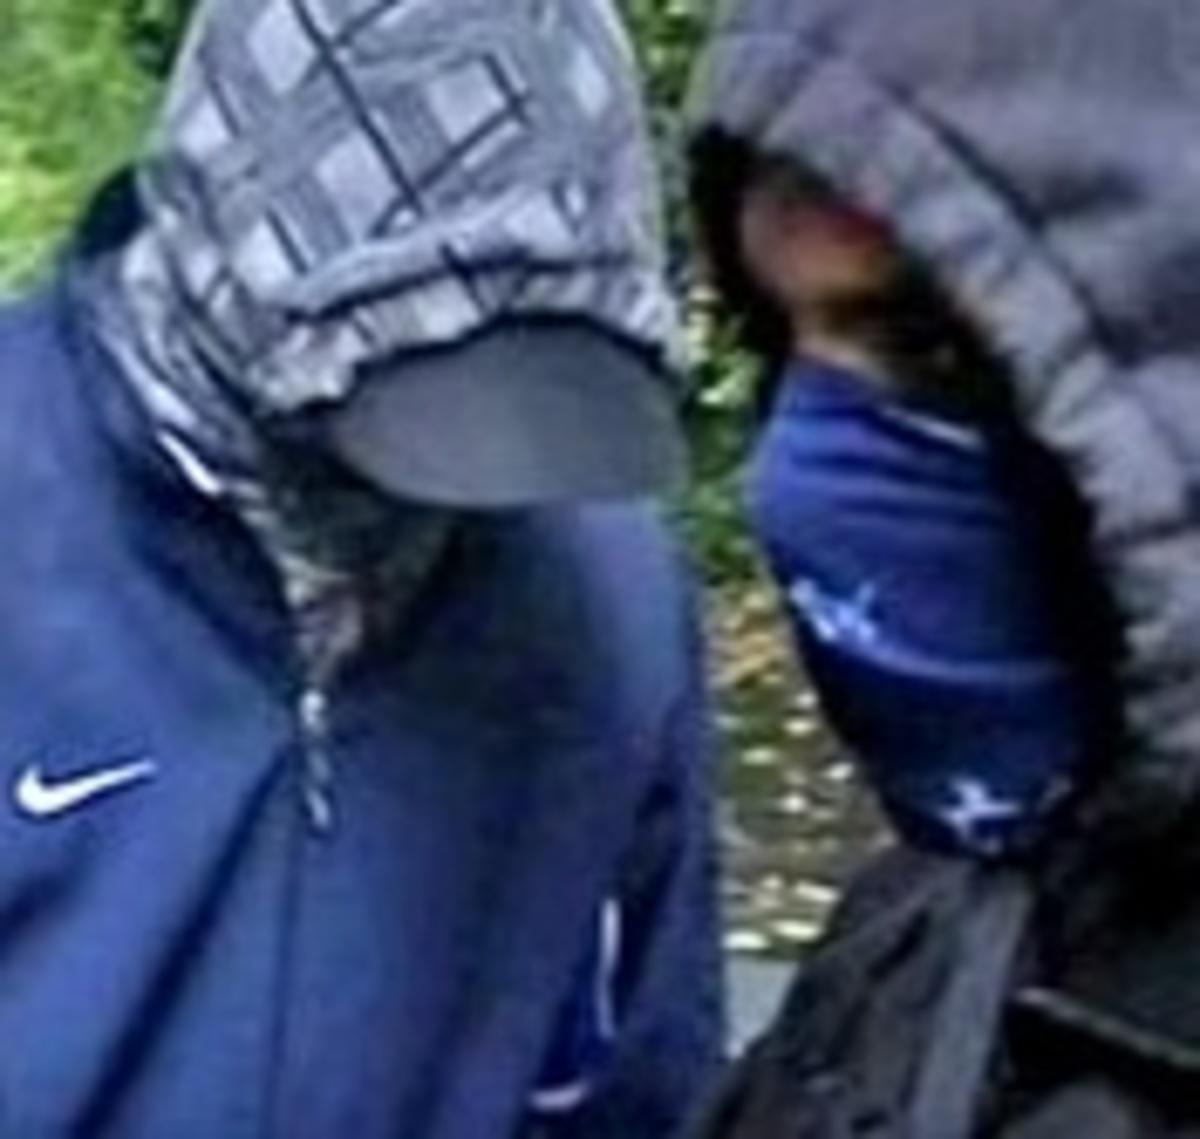 Θεσσαλονίκη: Σπείρα τσαντάκηδων με επικεφαλής μία 20χρονη! | Newsit.gr